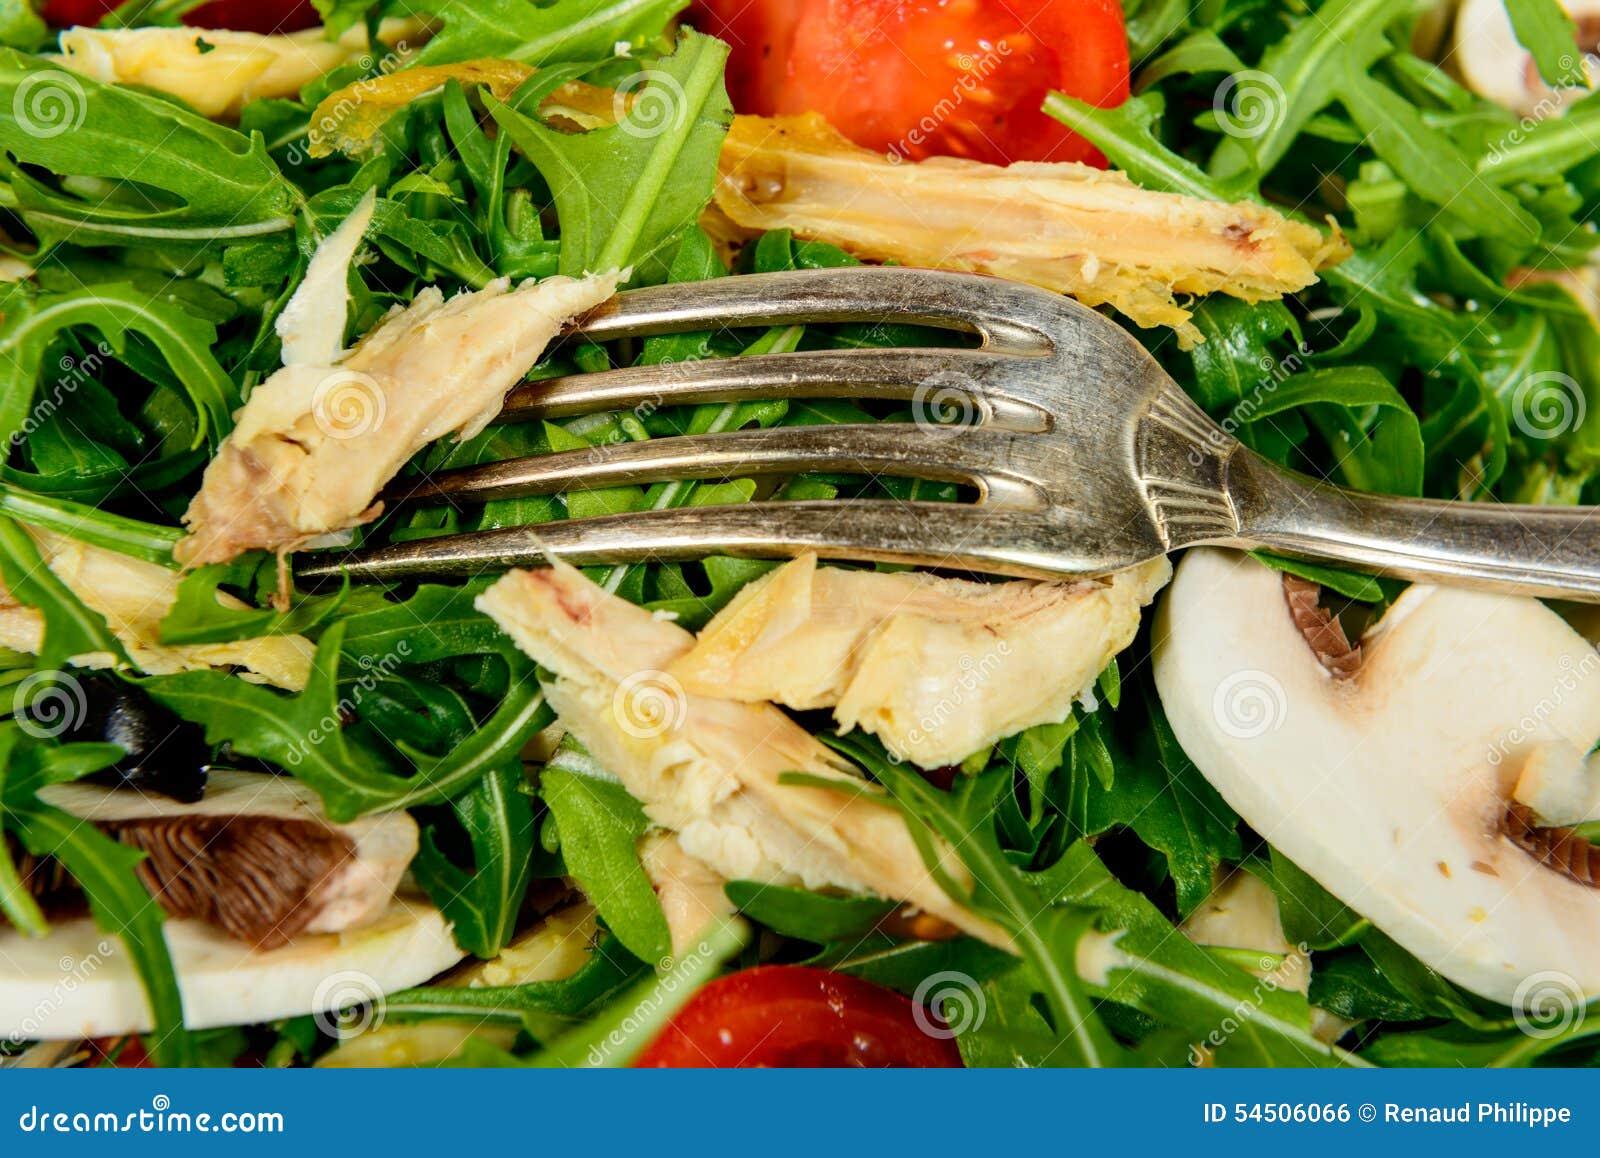 Fermez-vous d un plat de salade et de poulet